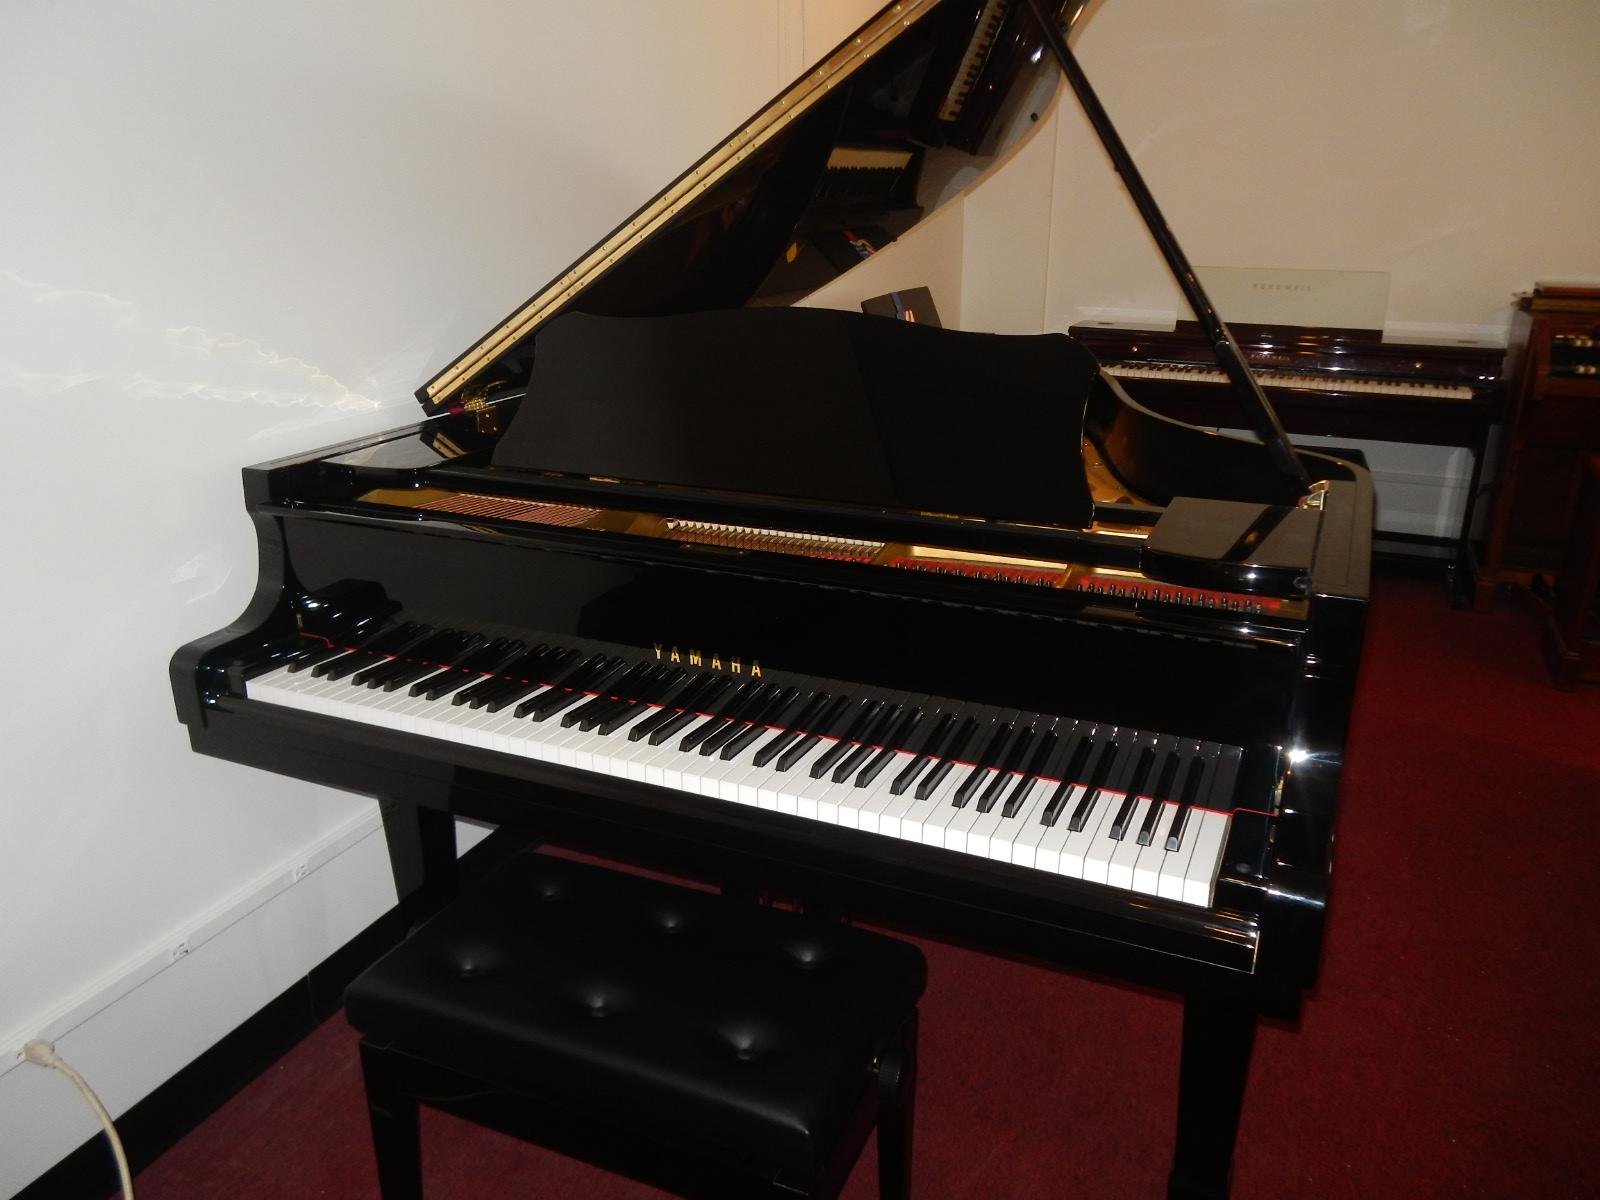 grand piano wallpaper - photo #21